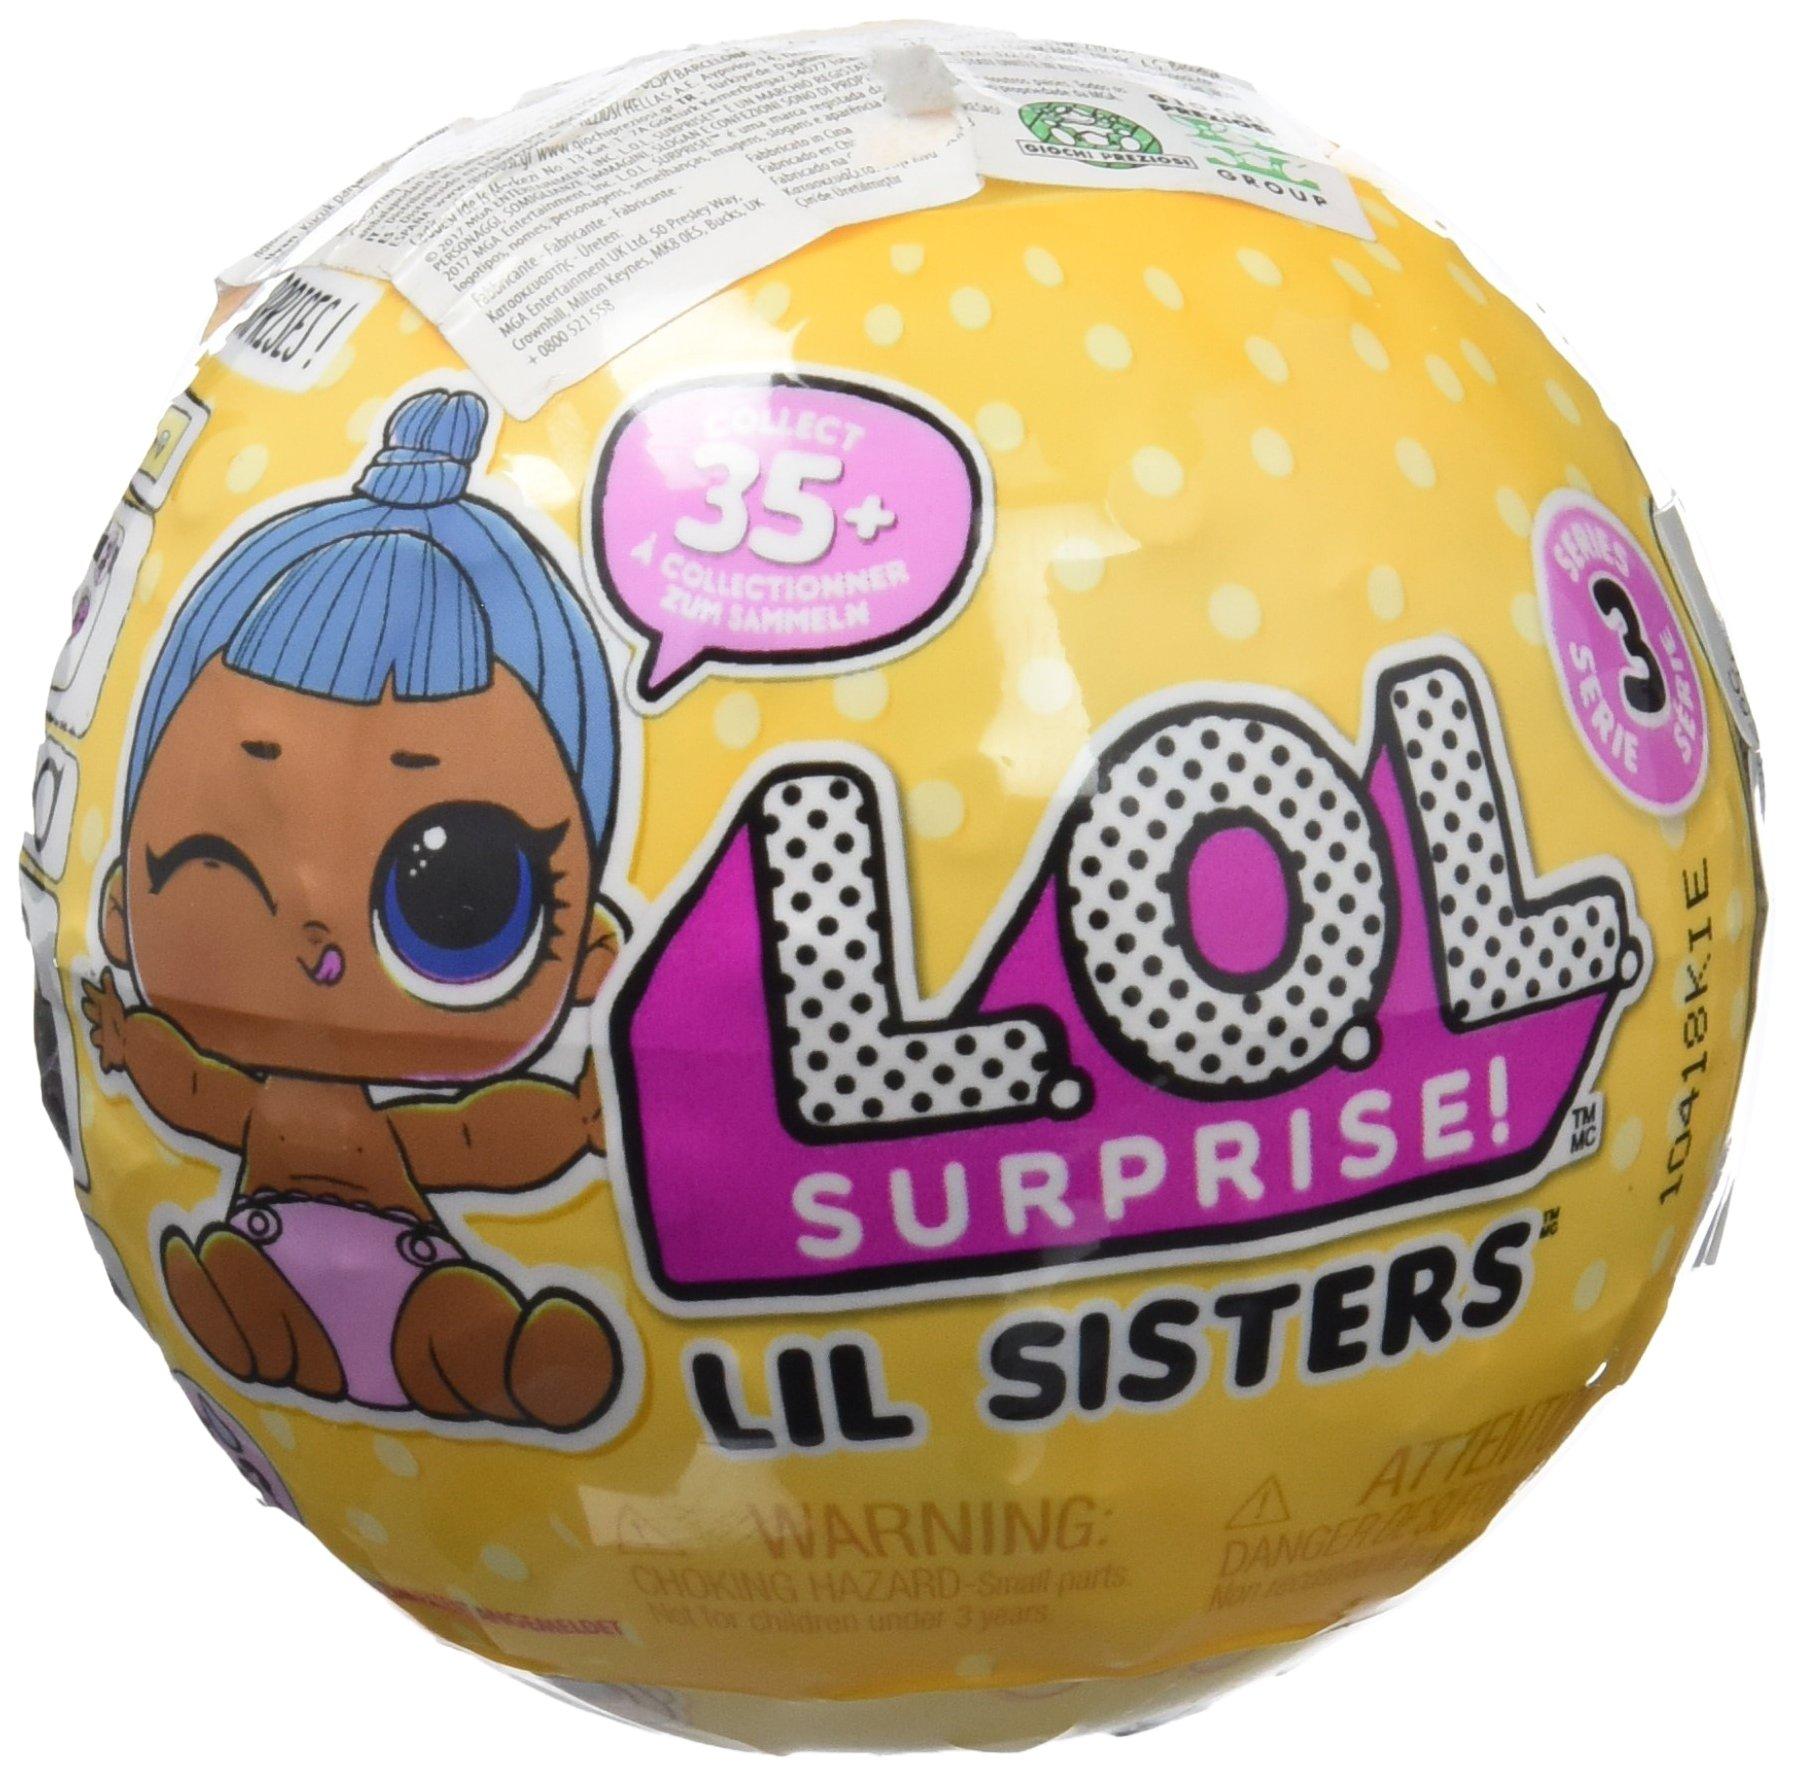 Amazon.es: L.O.L. Surprise! - Surprise Hermanitas, 1 unidad (Giochi Preziosi LLU22000) [modelos surtidos]: Juguetes y juegos